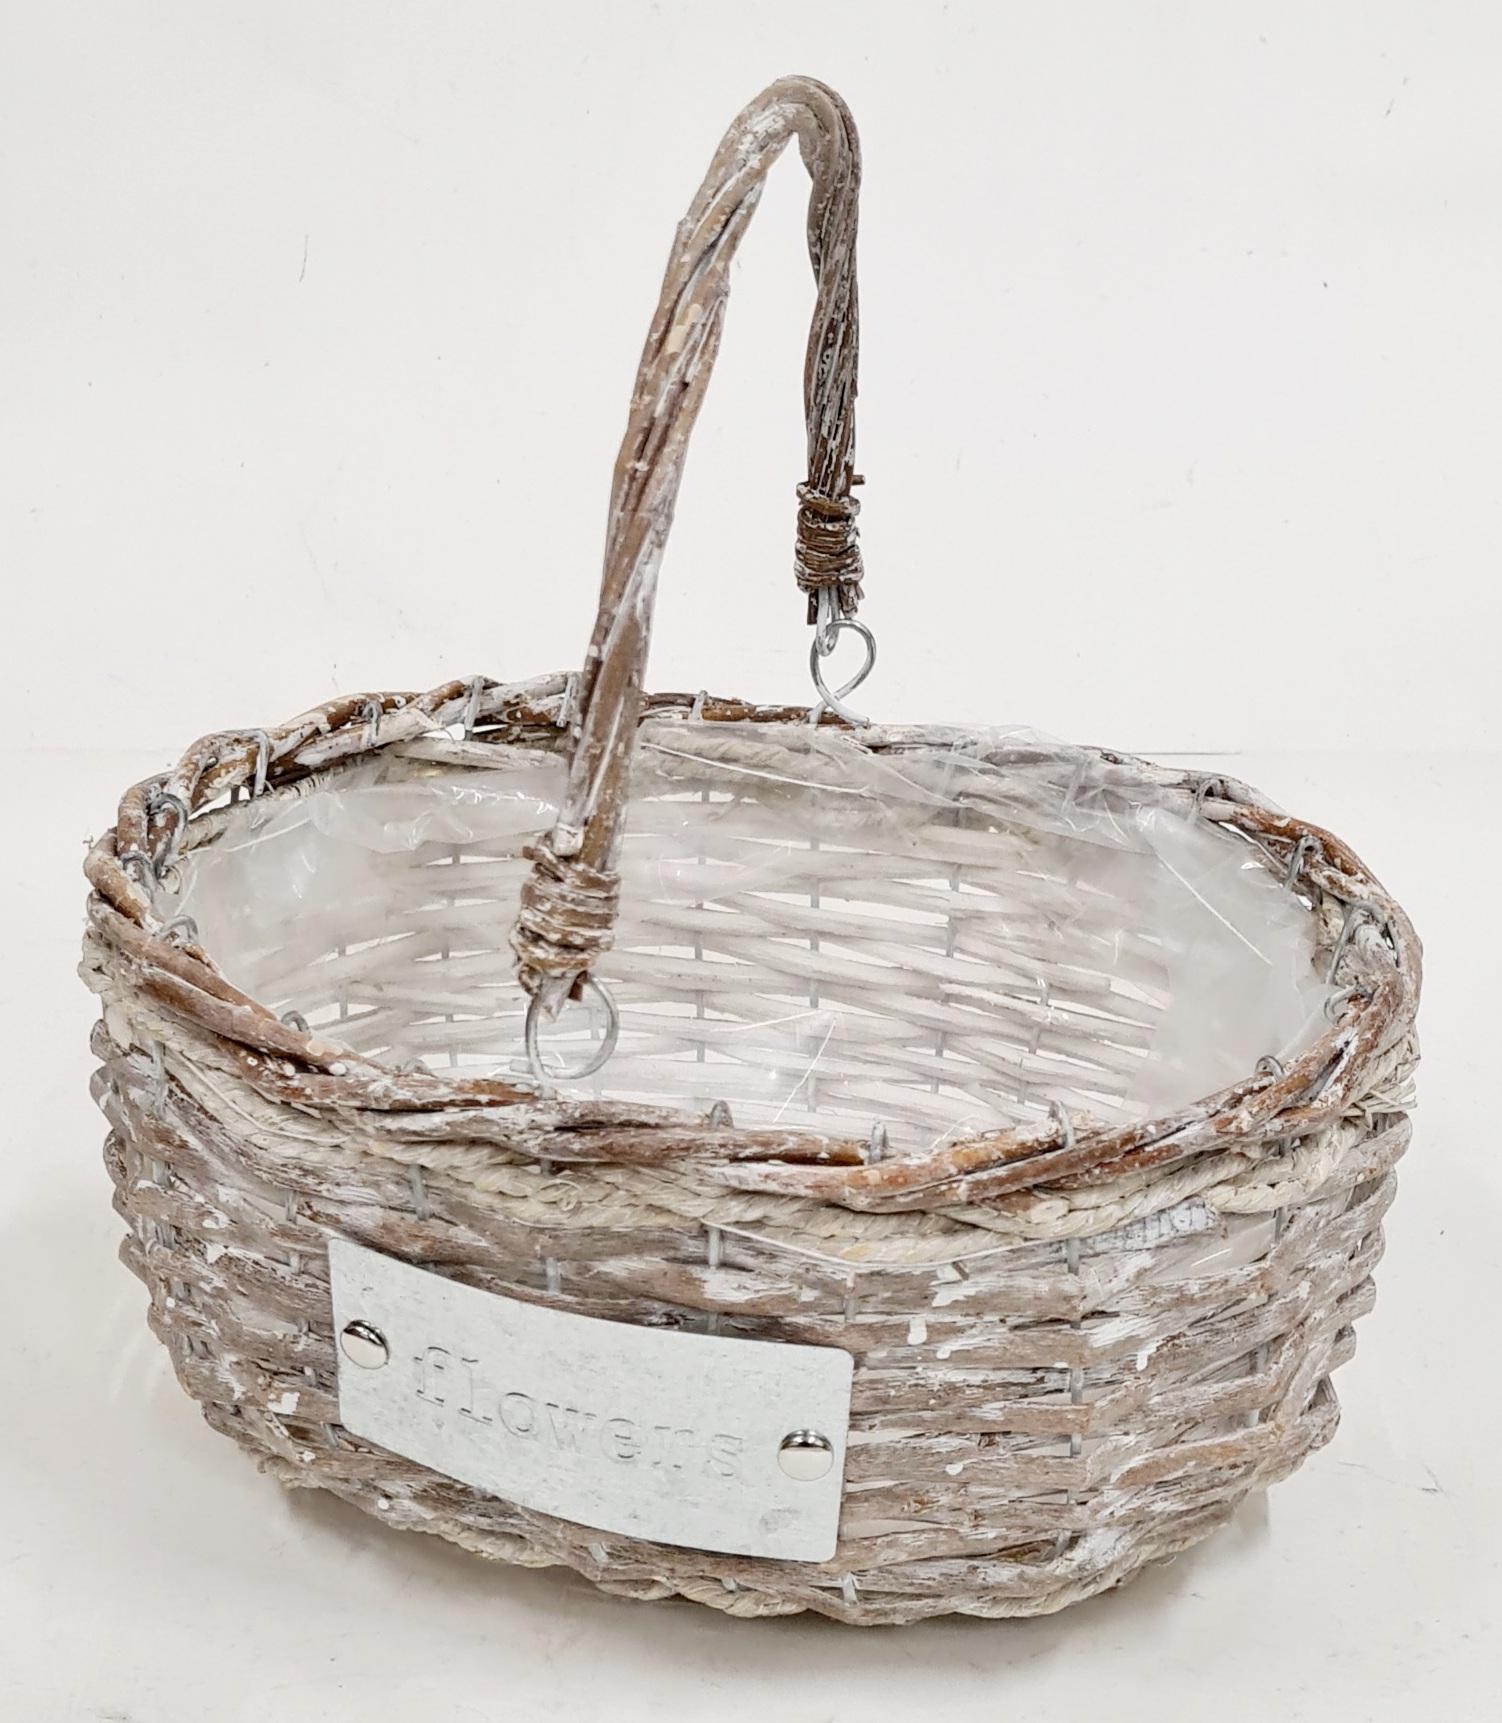 Корзина плетеная из ивовой лозы №3 лоза, полиэтилен коричневый с белым напылением (стиль прованс)